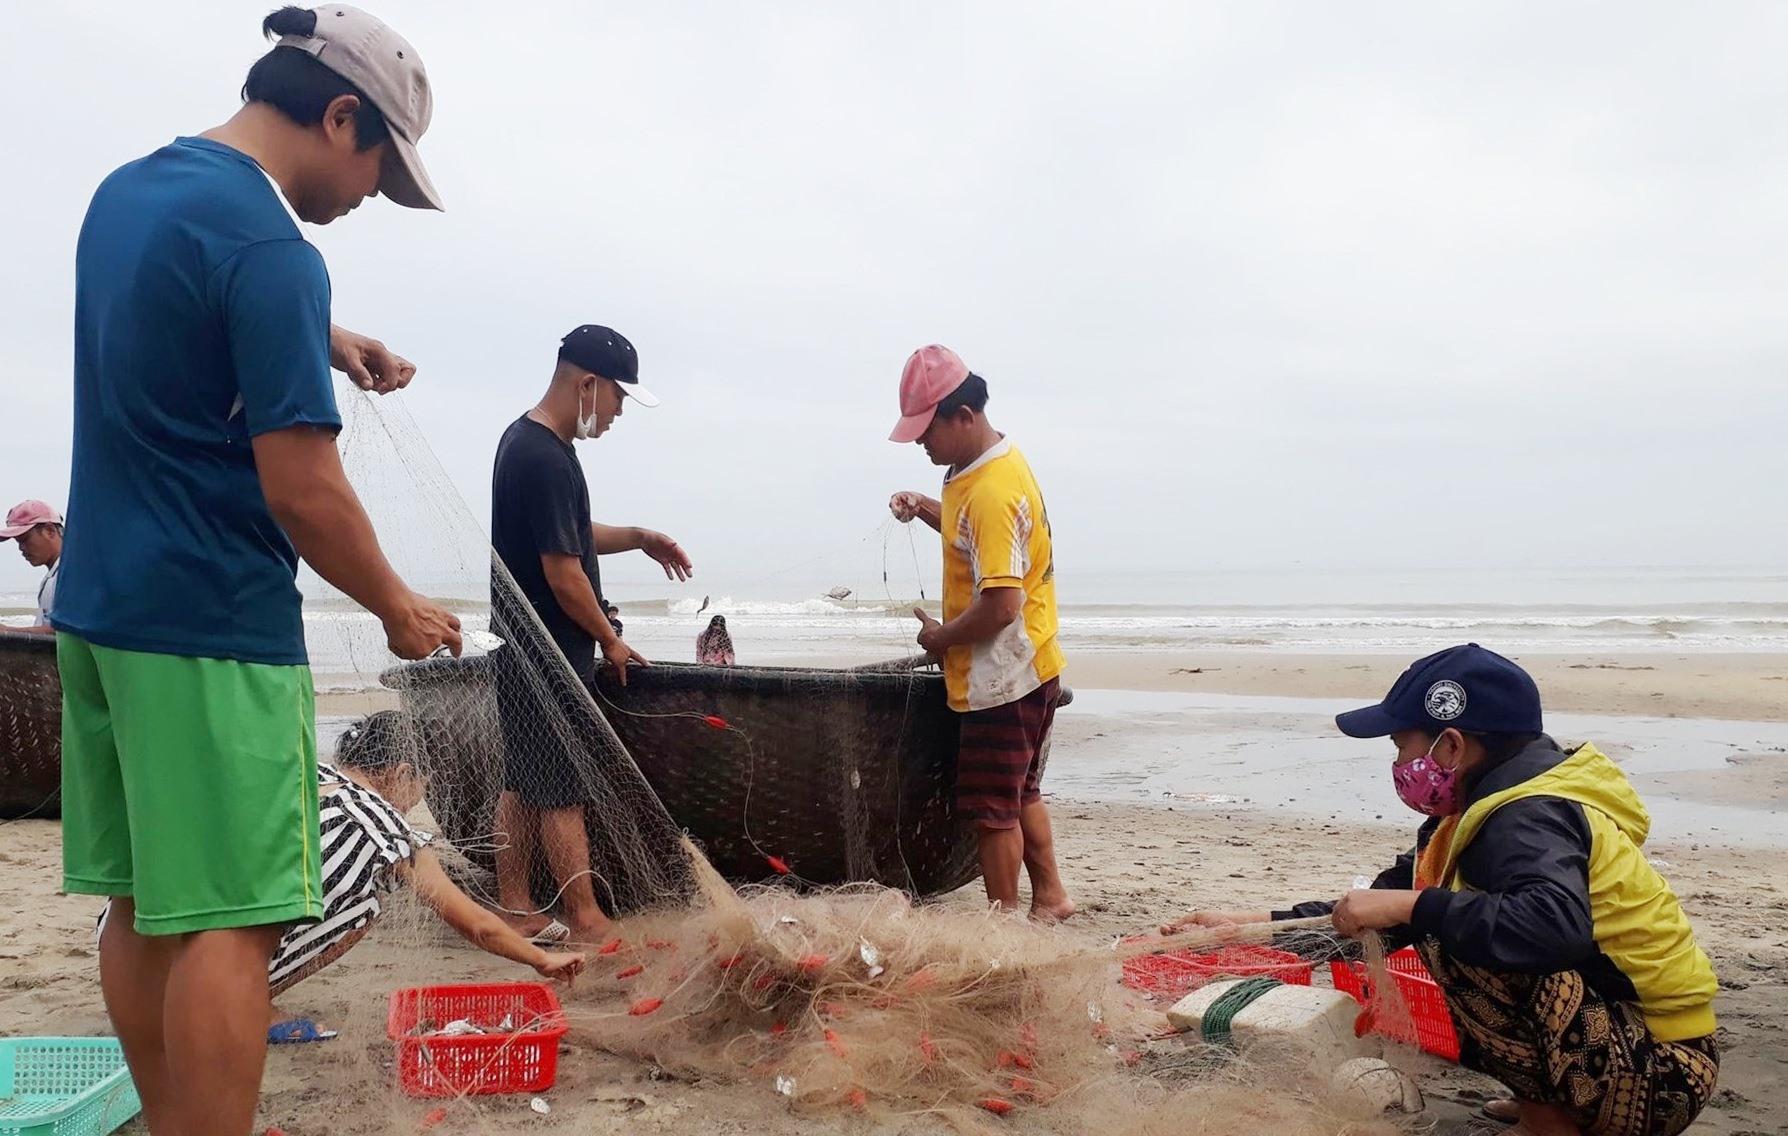 Nhiều ngư dân nam lẫn nữ tranh thủ gỡ cá liệt tại biển An Bàng vào buổi sáng sớm với tâm trạng đầy phấn khởi.